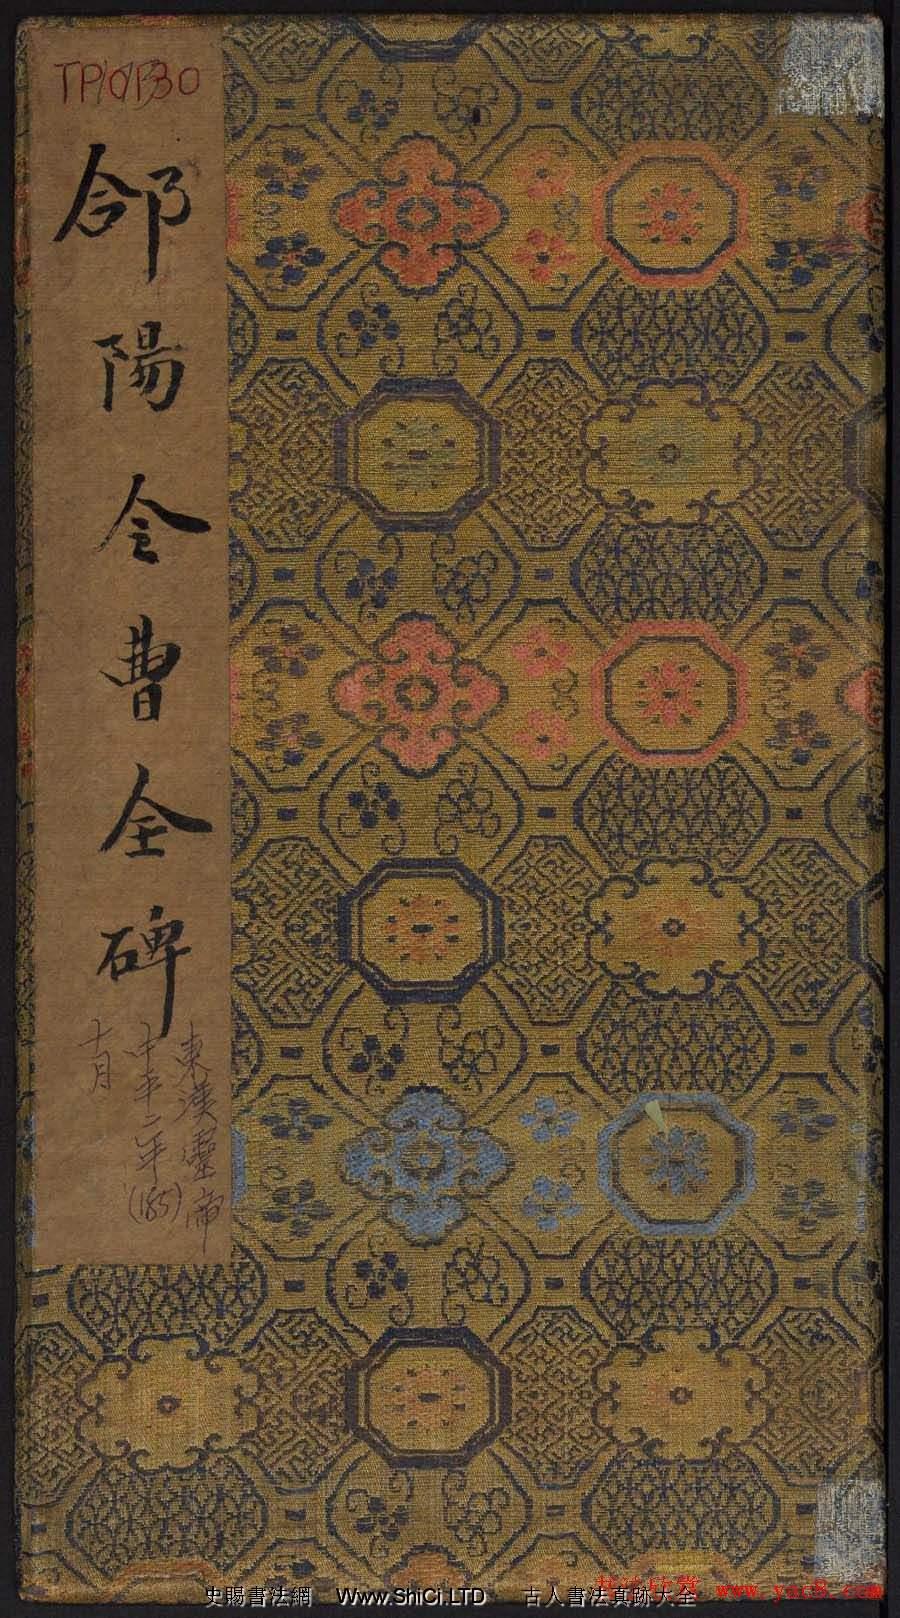 漢隸精品《合陽令曹全碑》高清大圖(共25張圖片)